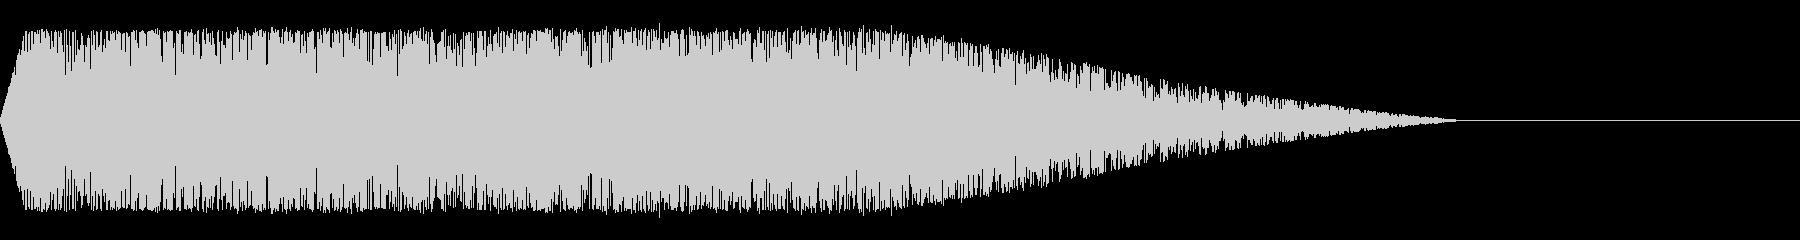 翼竜の鳴き声(キーッ。鋭く高い声)の未再生の波形